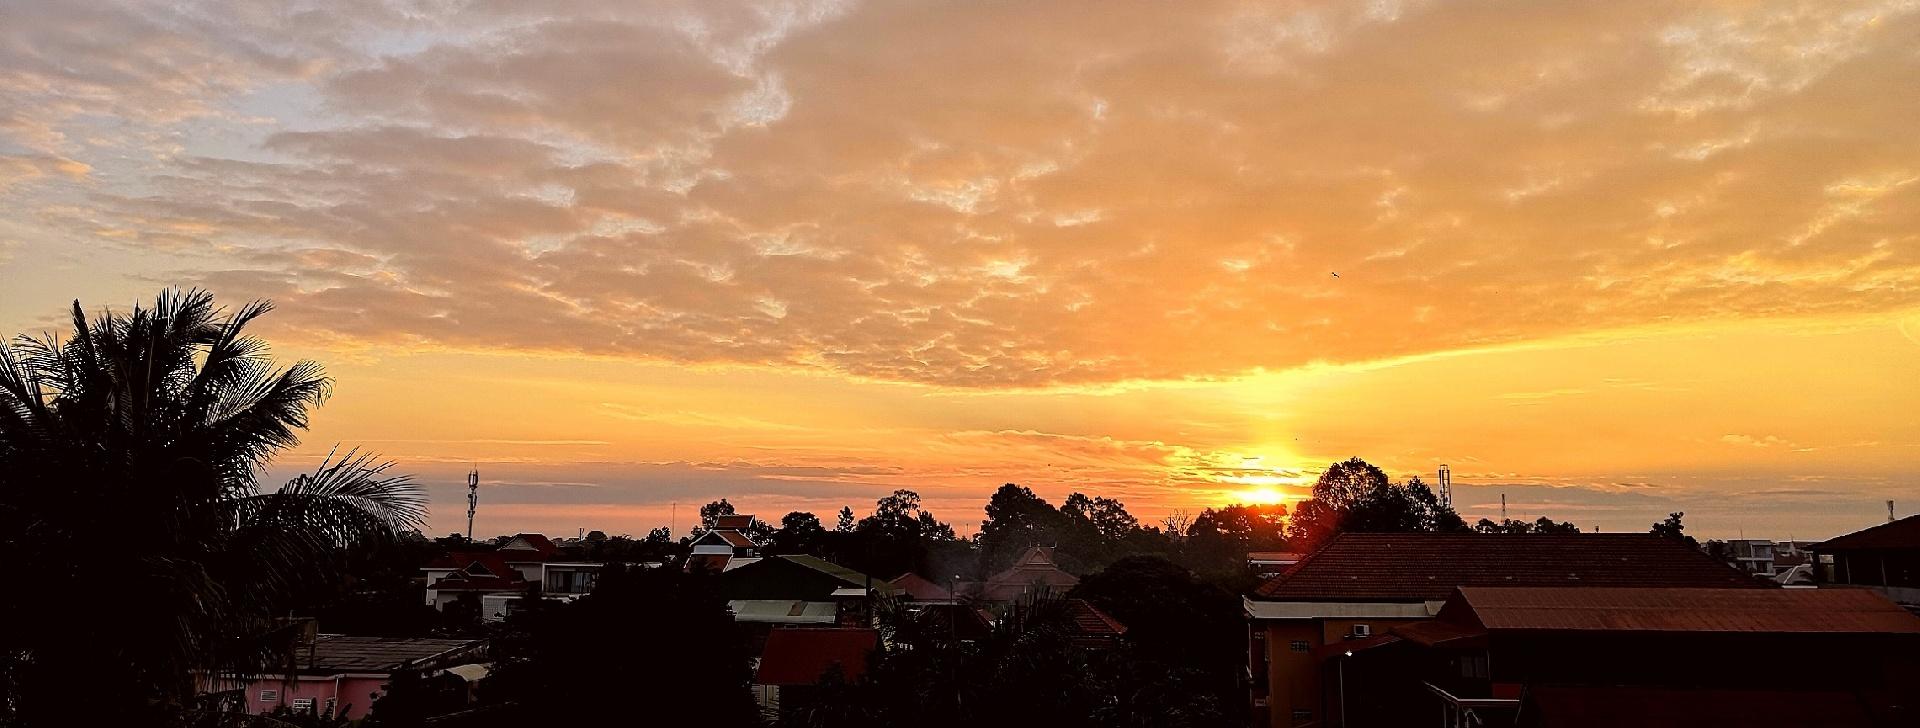 欧阳川作品:朝霞满天